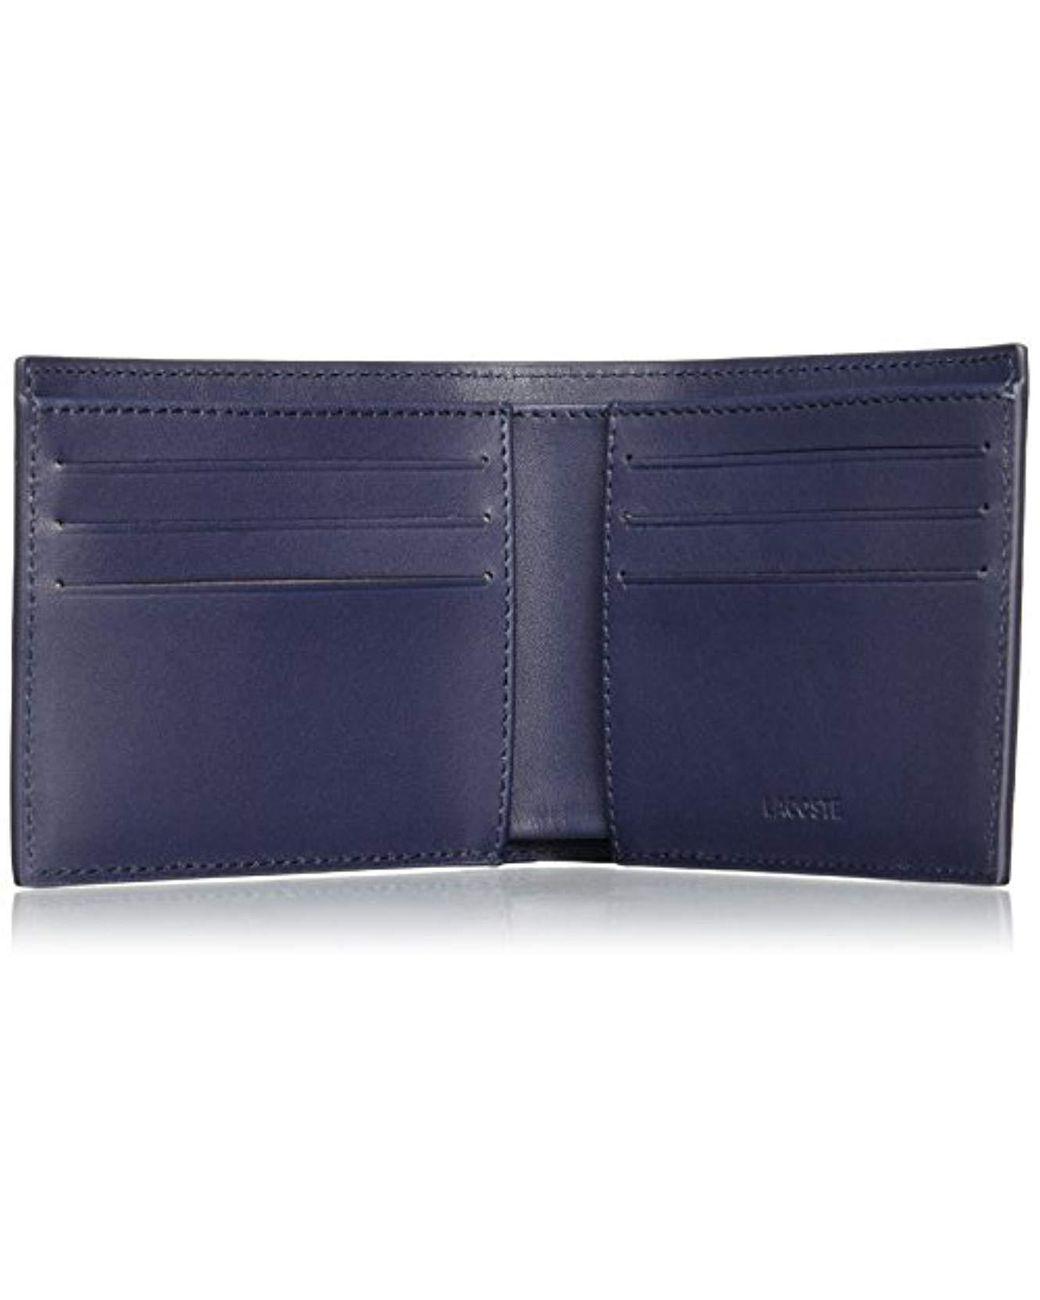 Et Homme Bleu Nh1115fgSac Portefeuille Coloris Pour Lacoste Lyst En 0OwvmN8n